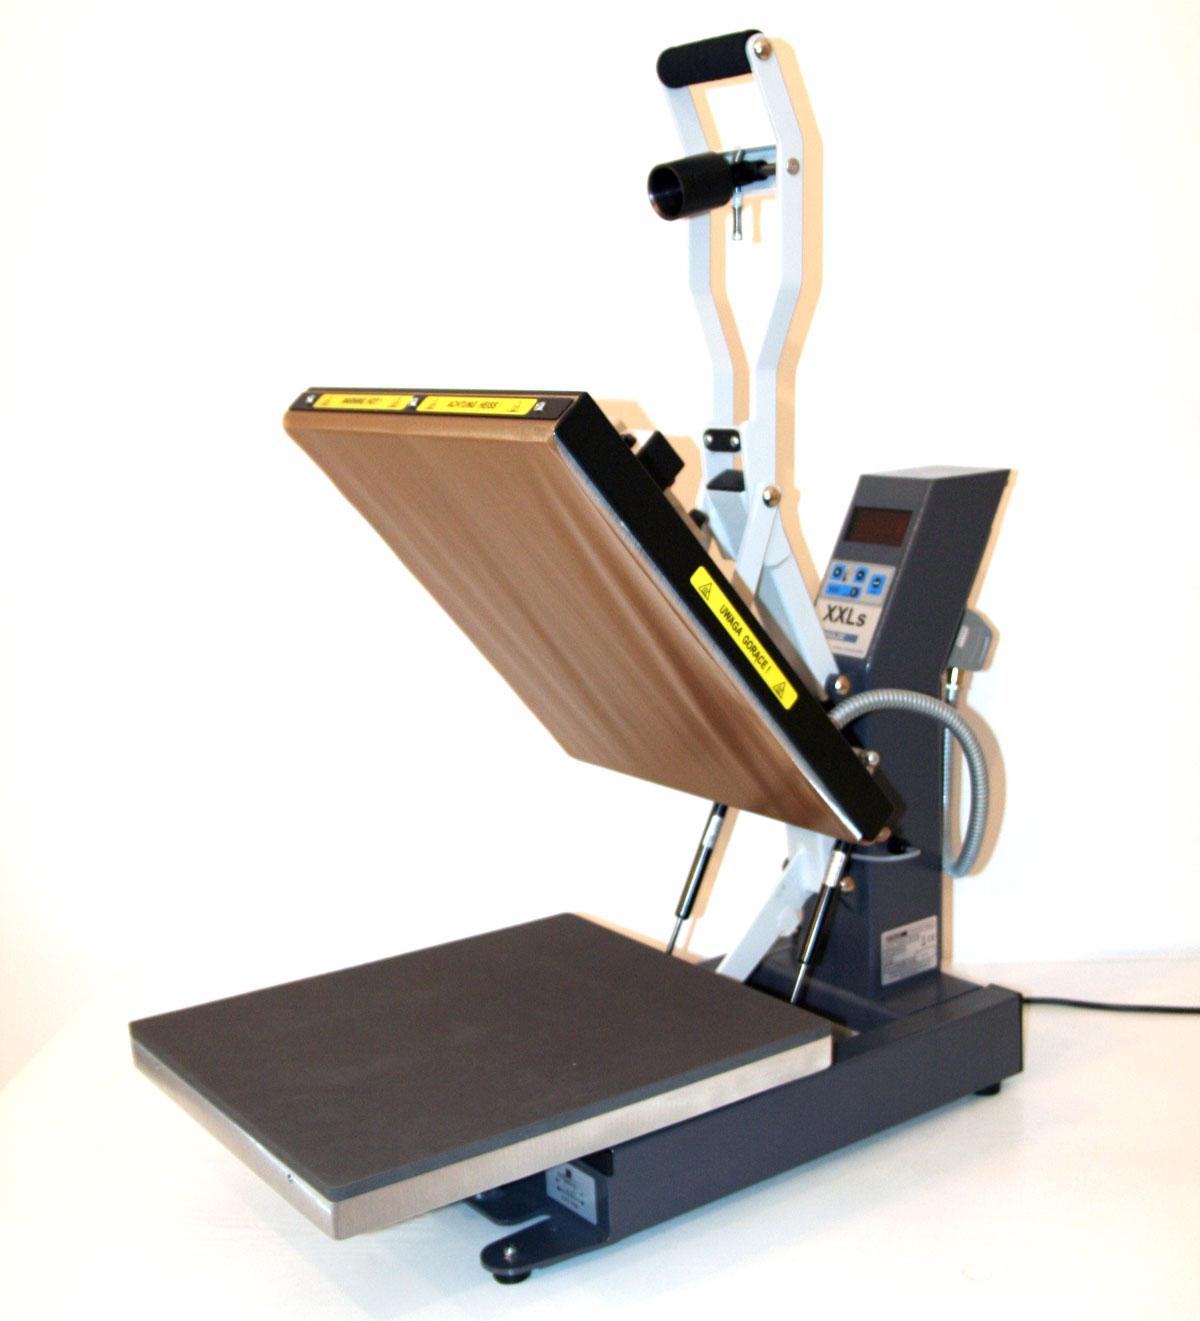 XXLs - prasa transferowa do powierzchni płaskich, otwieranie automatyczne